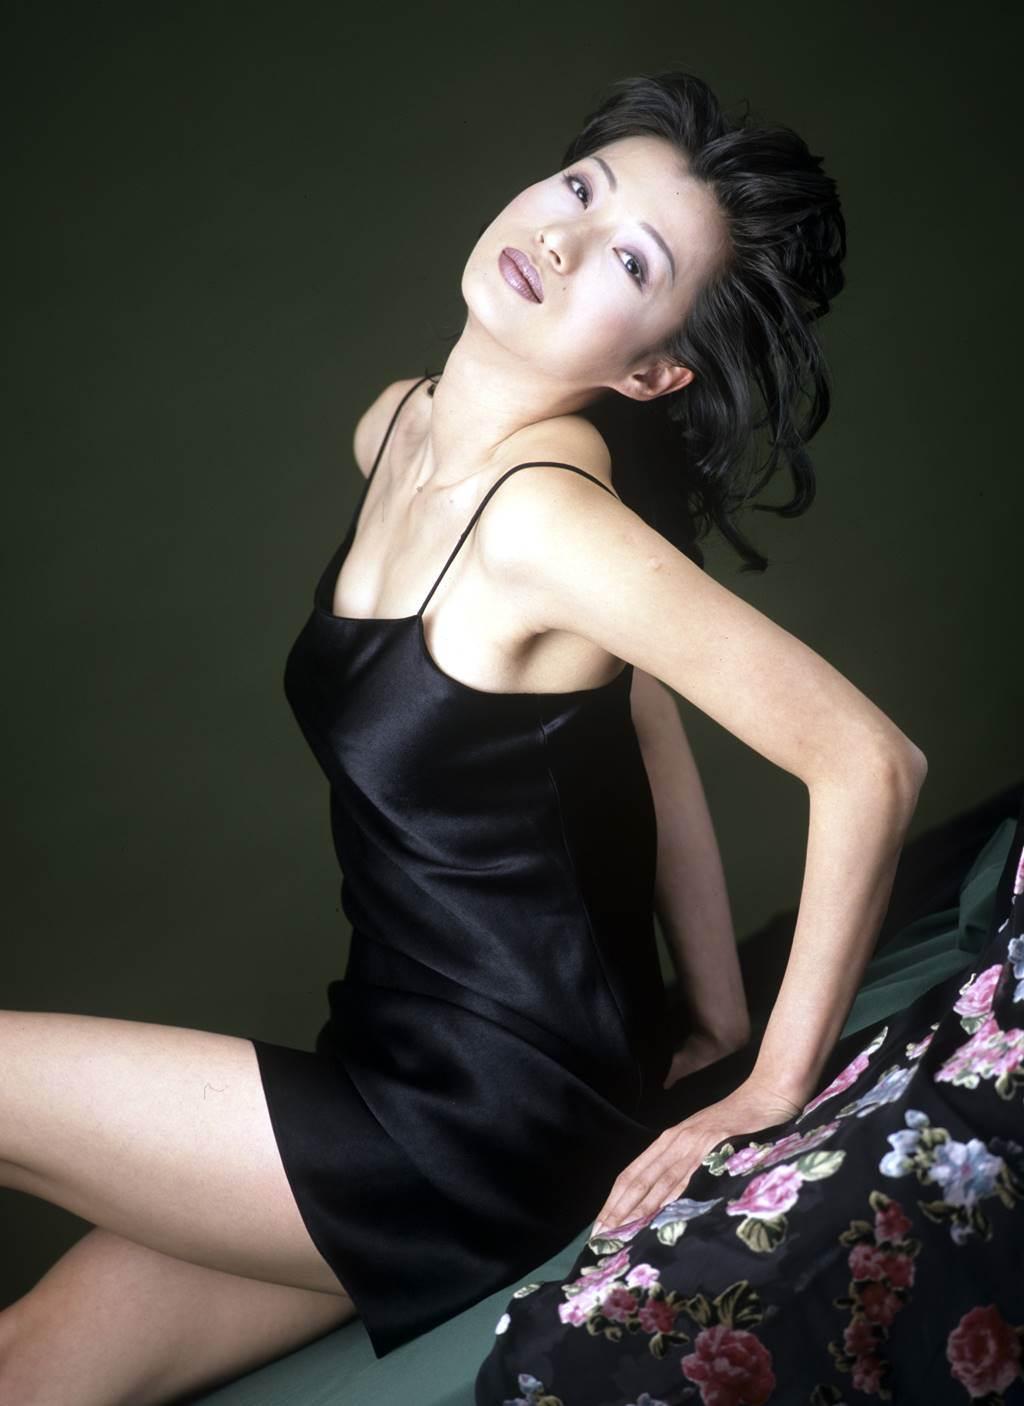 溫翠蘋舉手投足性感艷麗,曾出過寫真集。(圖/本報系資料照片)